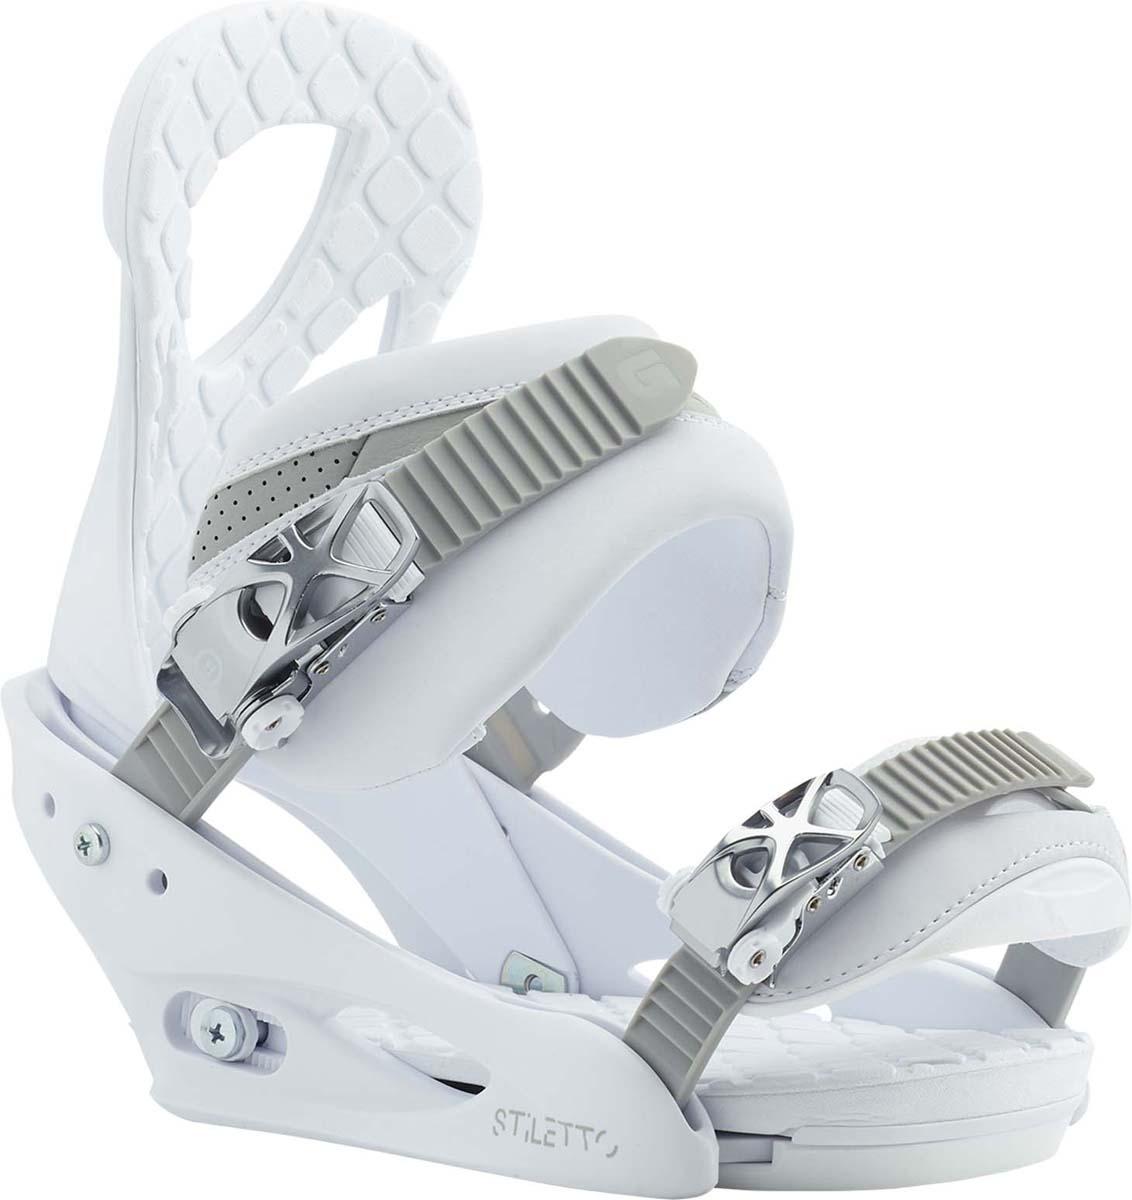 Крепления для сноуборда женские Burton Stiletto, цвет: белый. Размер S